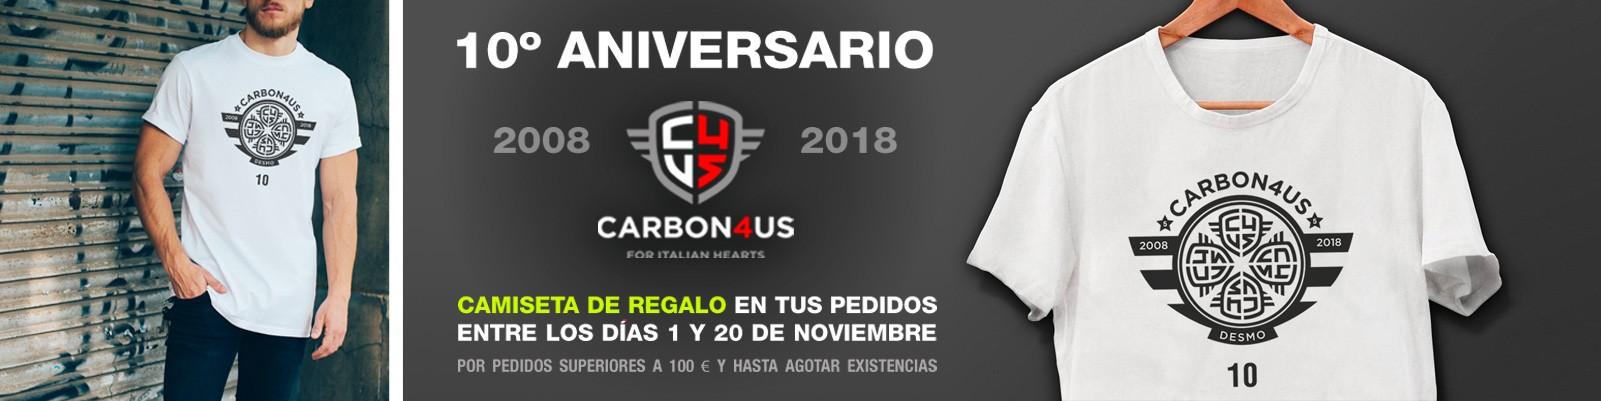 Aniversario Carbon4US